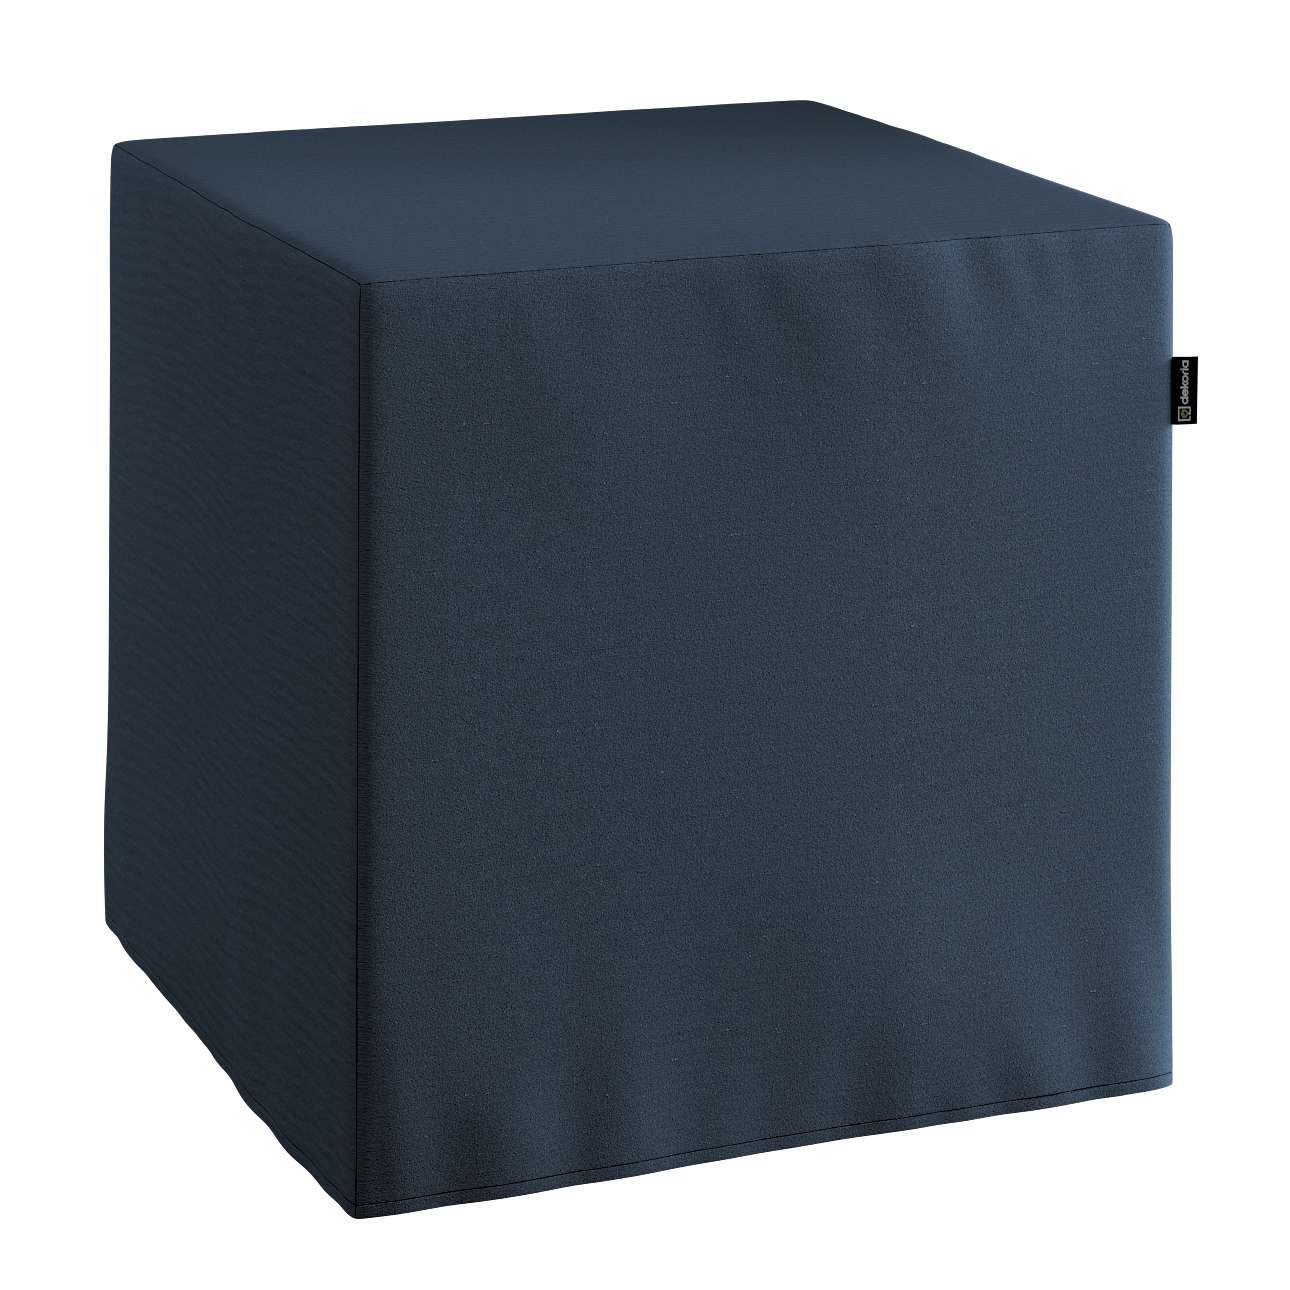 Harter Sitzwürfel, marinenblau, 40 x 40 x 40 cm, Quadro | Wohnzimmer > Hocker & Poufs > Sitzwürfel | Dekoria